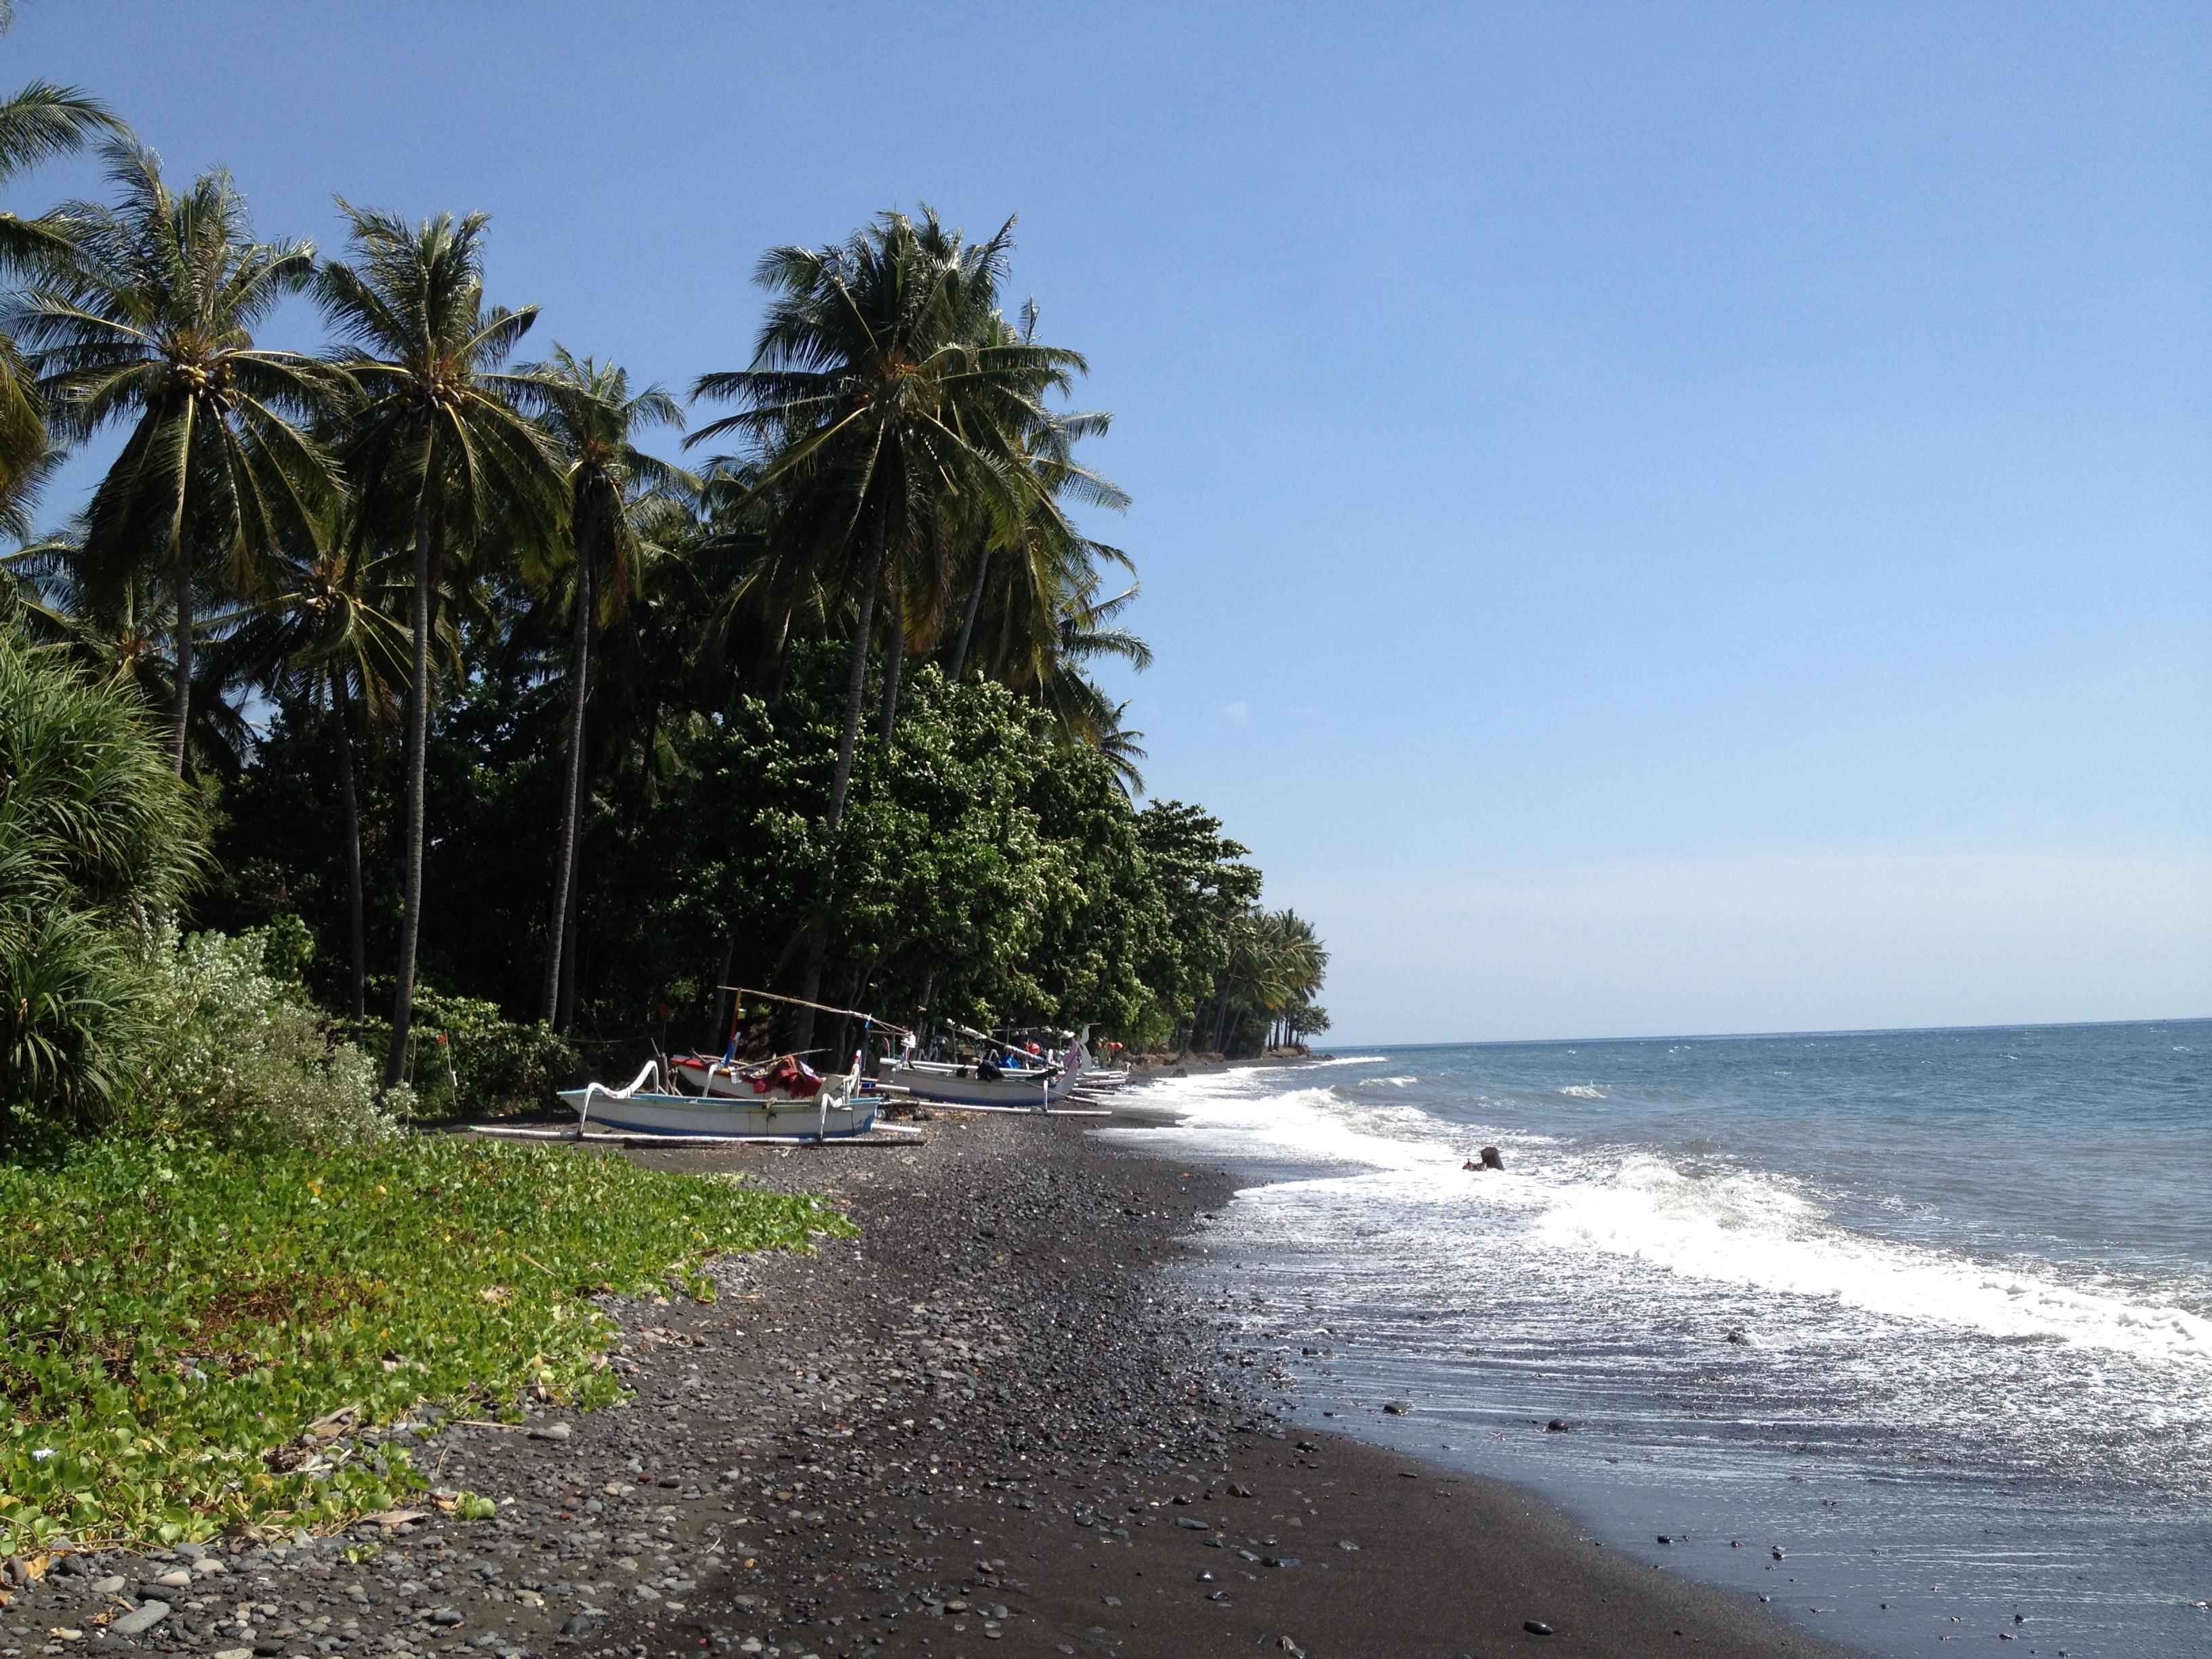 Spa Village Resort Tembok Bali Cellophaneland